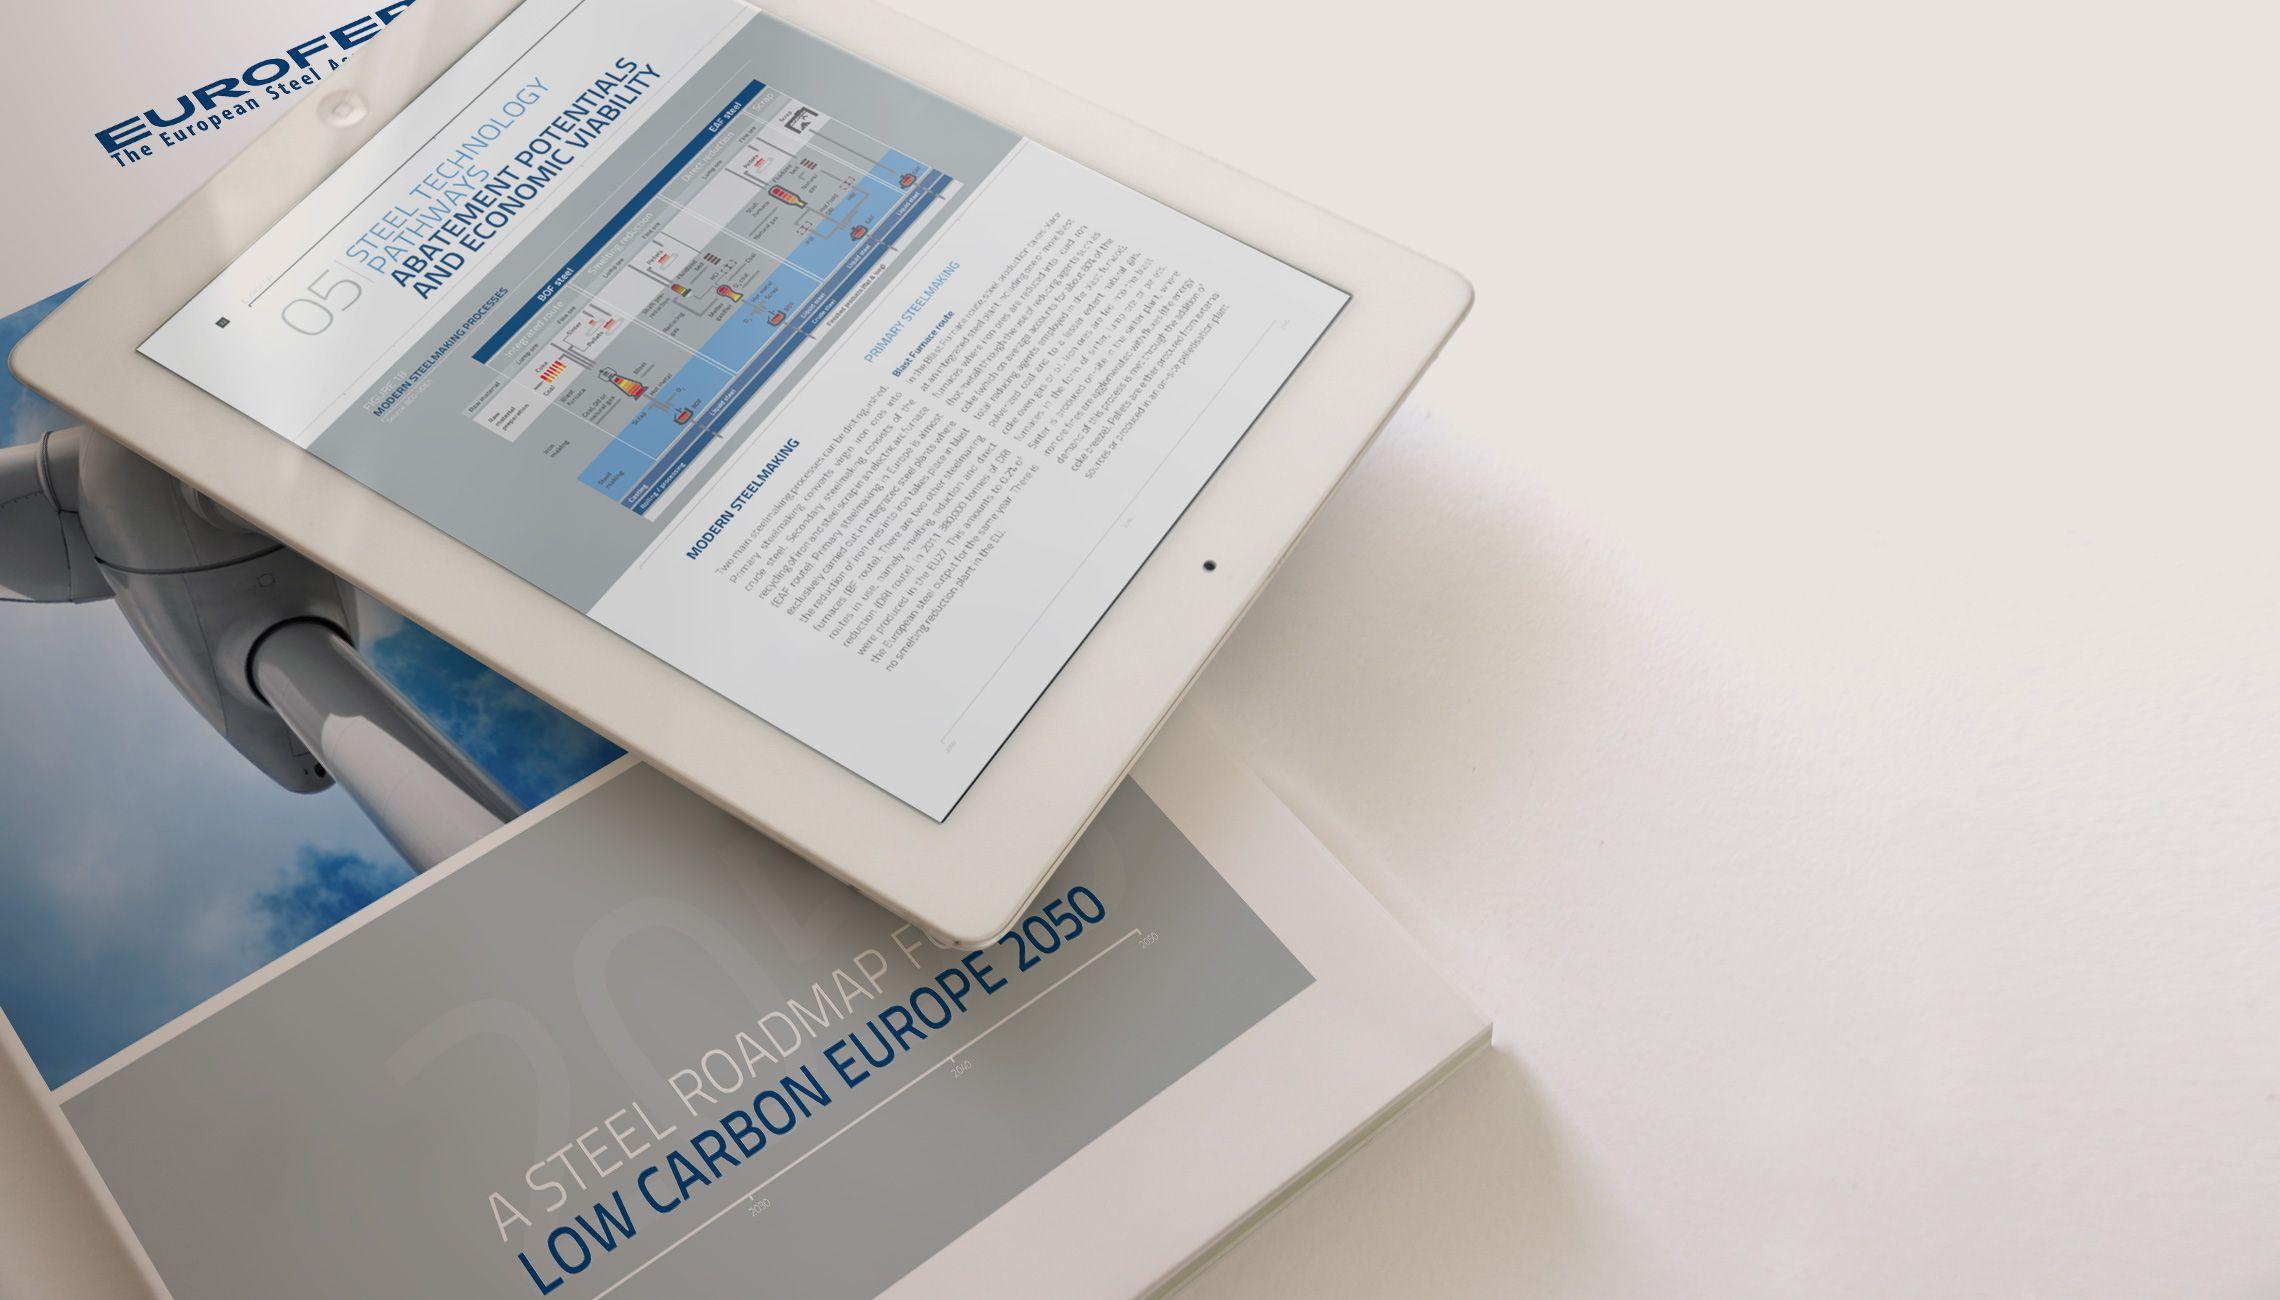 publication: Roadmap 2050 - image 1